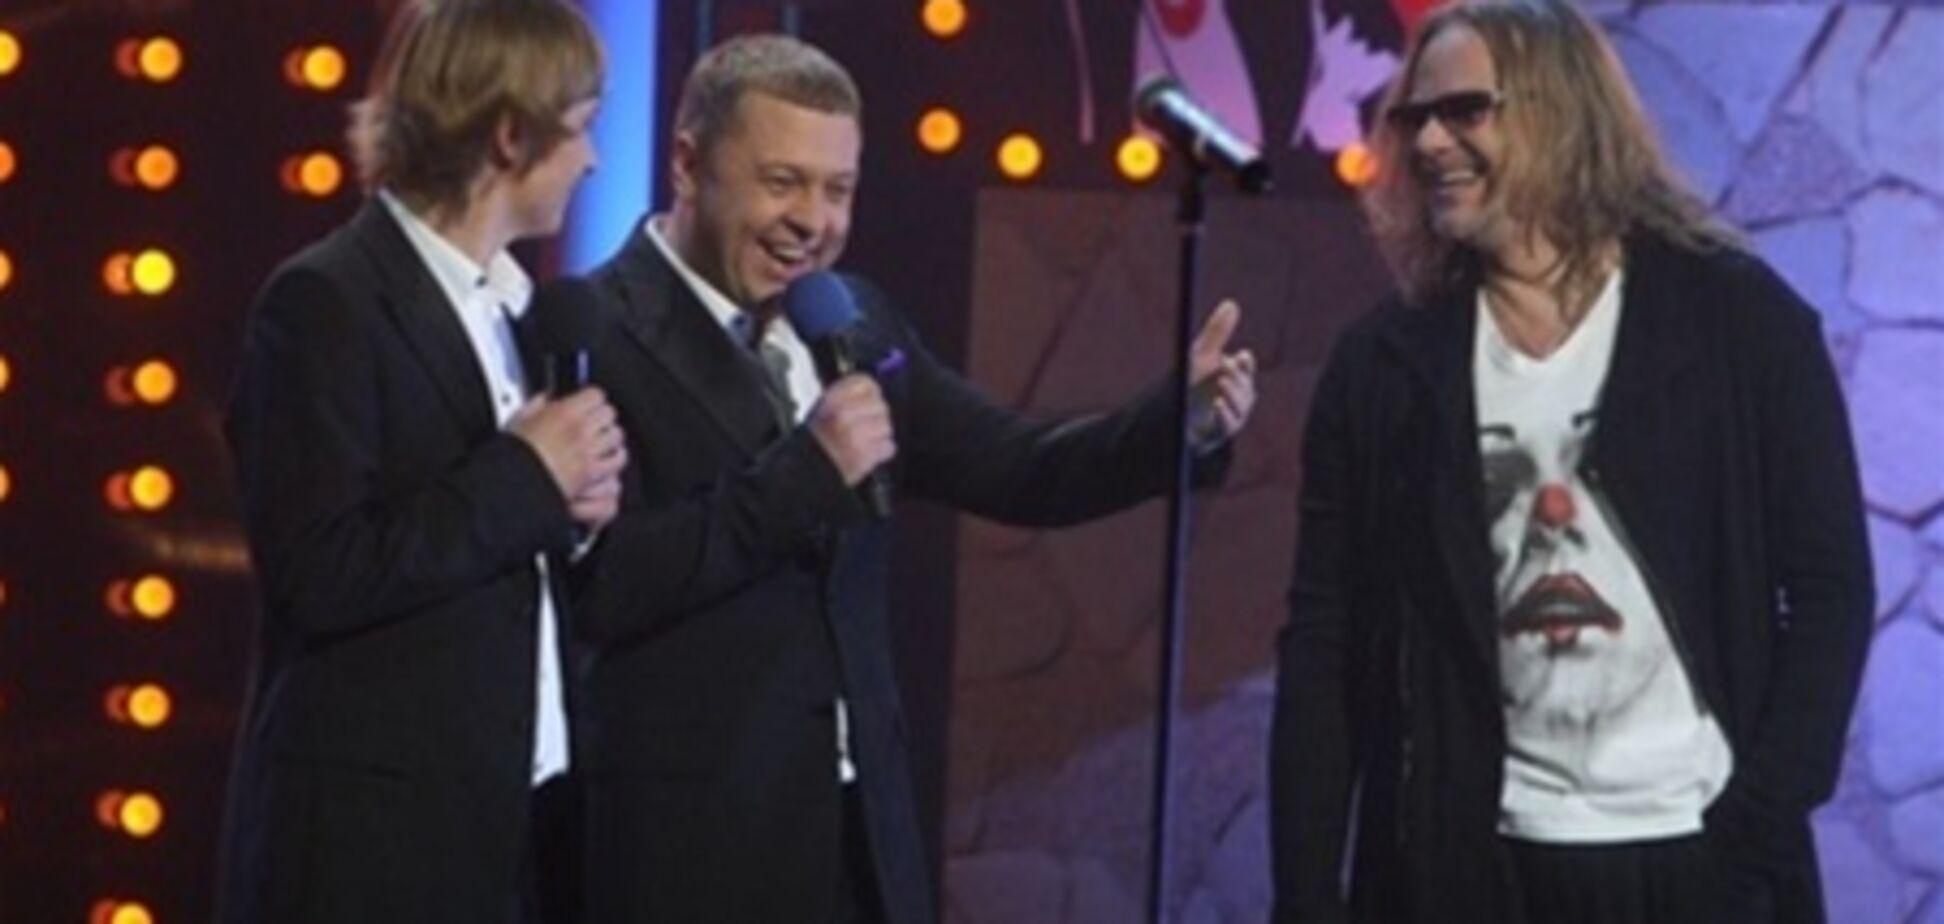 Шуфрич, Кужель и Волков посмеялись над 'Кварталом-95'. Фото. Видео